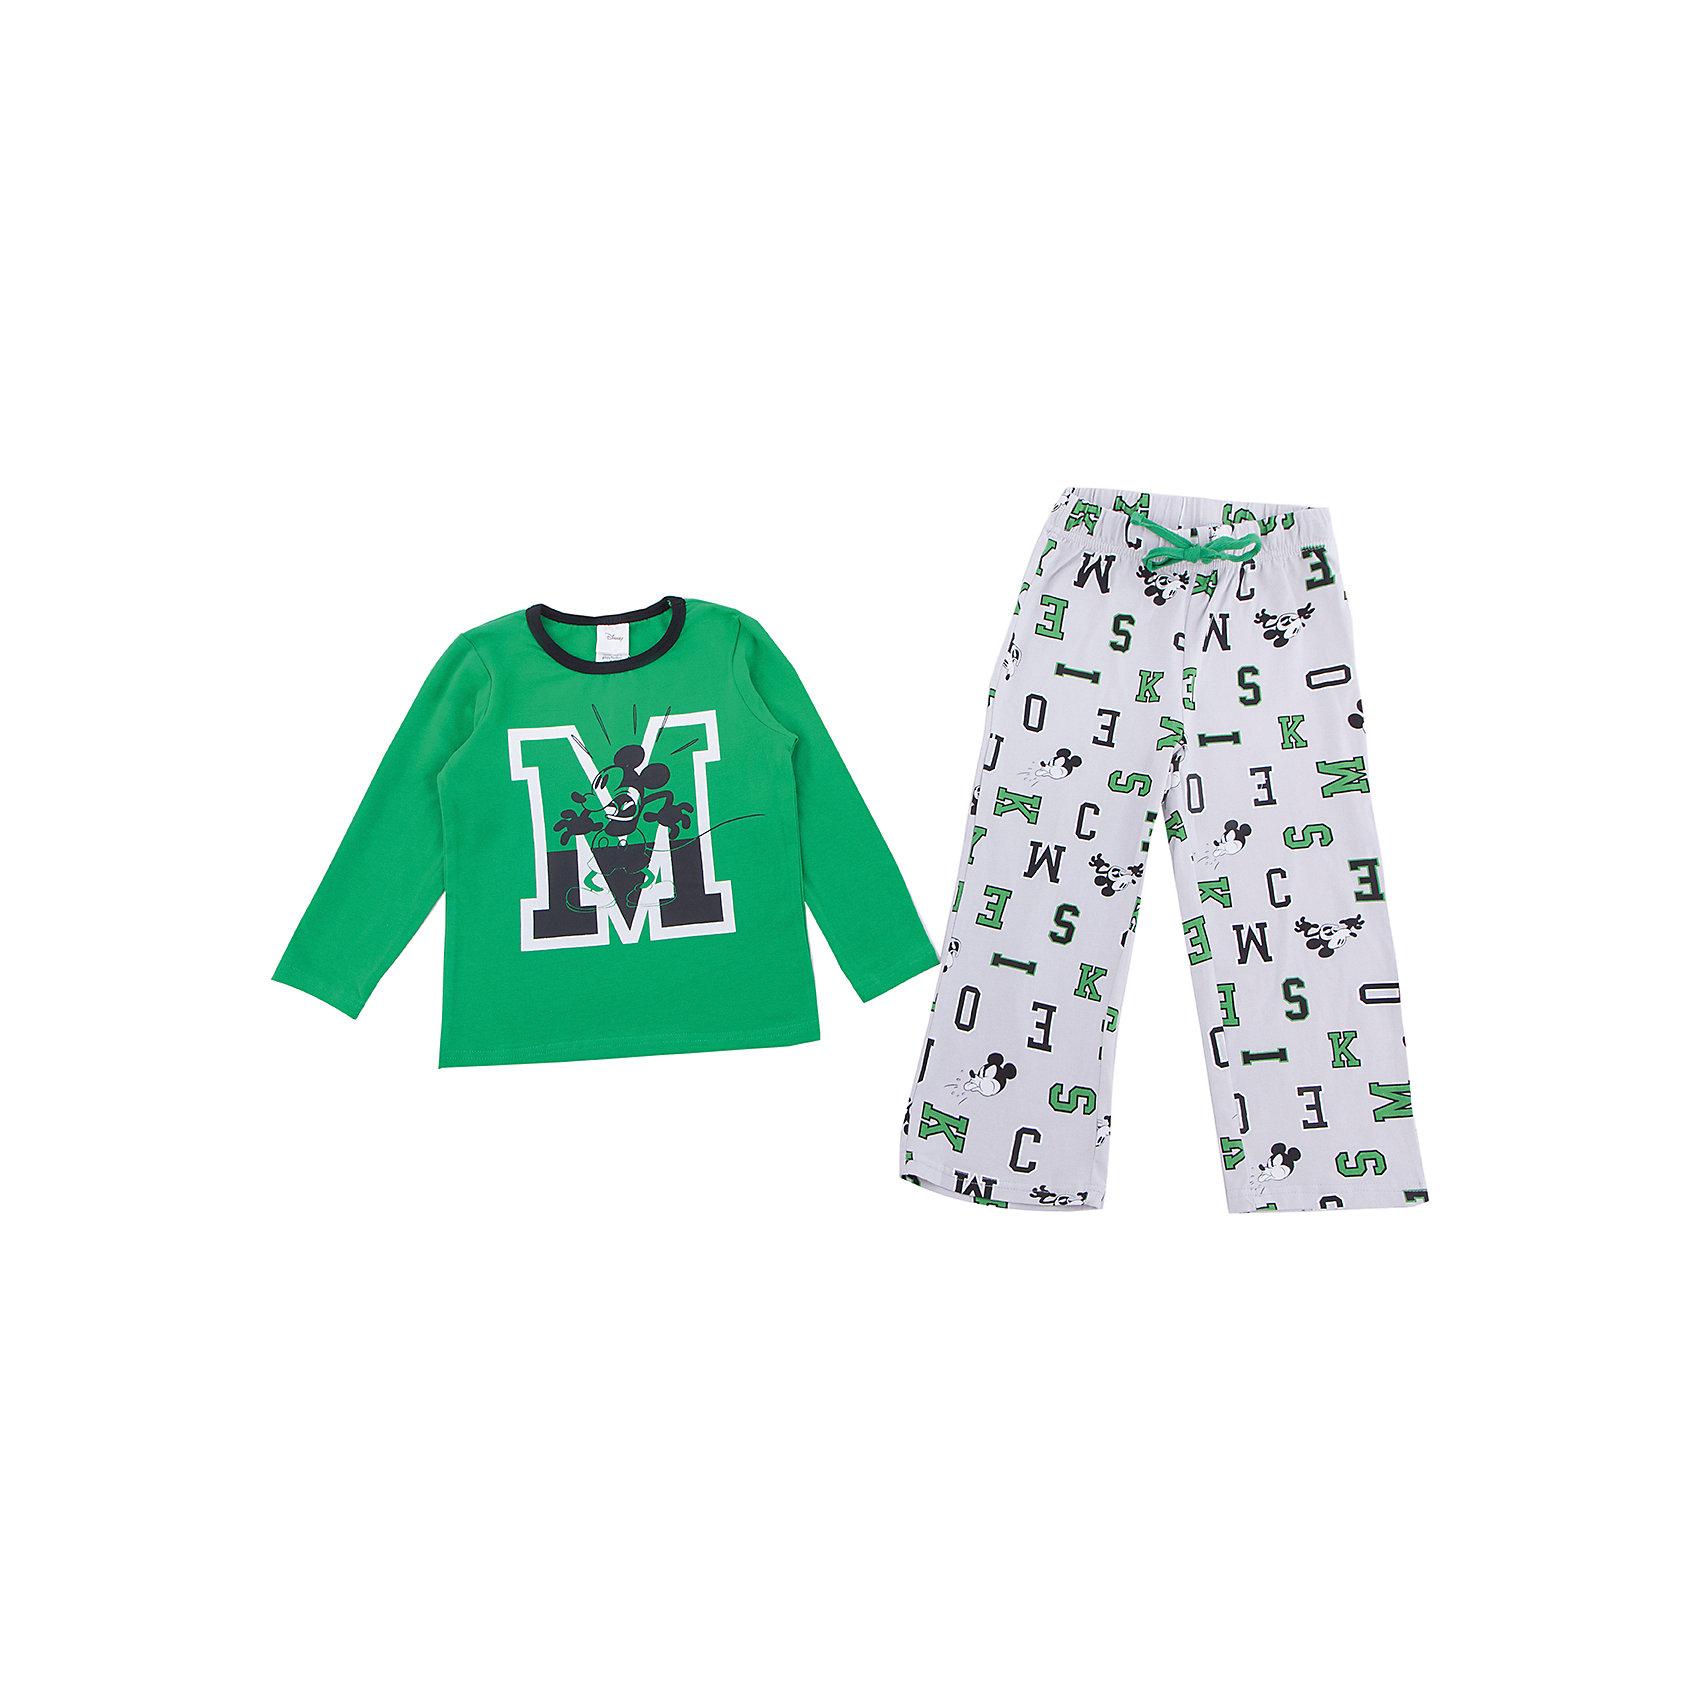 Комплект: футболка с длинным рукавом и брюки PlayToday для мальчикаКомплекты<br>Комплект: футболка с длинным рукавом и брюки PlayToday для мальчика<br>Комплект из футболки с длинным рукавом и брюк может быть и домашней одеждой, и пижамой. Футболка дополнена ярким принтом. Пояс брюк на широкой резинке не сдавливающей живот ребенка, с регулируемым шнуром - кулиской. Свободный крой не сковывает движений ребенка.<br>Состав:<br>95% хлопок, 5% эластан<br><br>Ширина мм: 230<br>Глубина мм: 40<br>Высота мм: 220<br>Вес г: 250<br>Цвет: белый<br>Возраст от месяцев: 84<br>Возраст до месяцев: 96<br>Пол: Мужской<br>Возраст: Детский<br>Размер: 128,98,104,110,116,122<br>SKU: 7107641